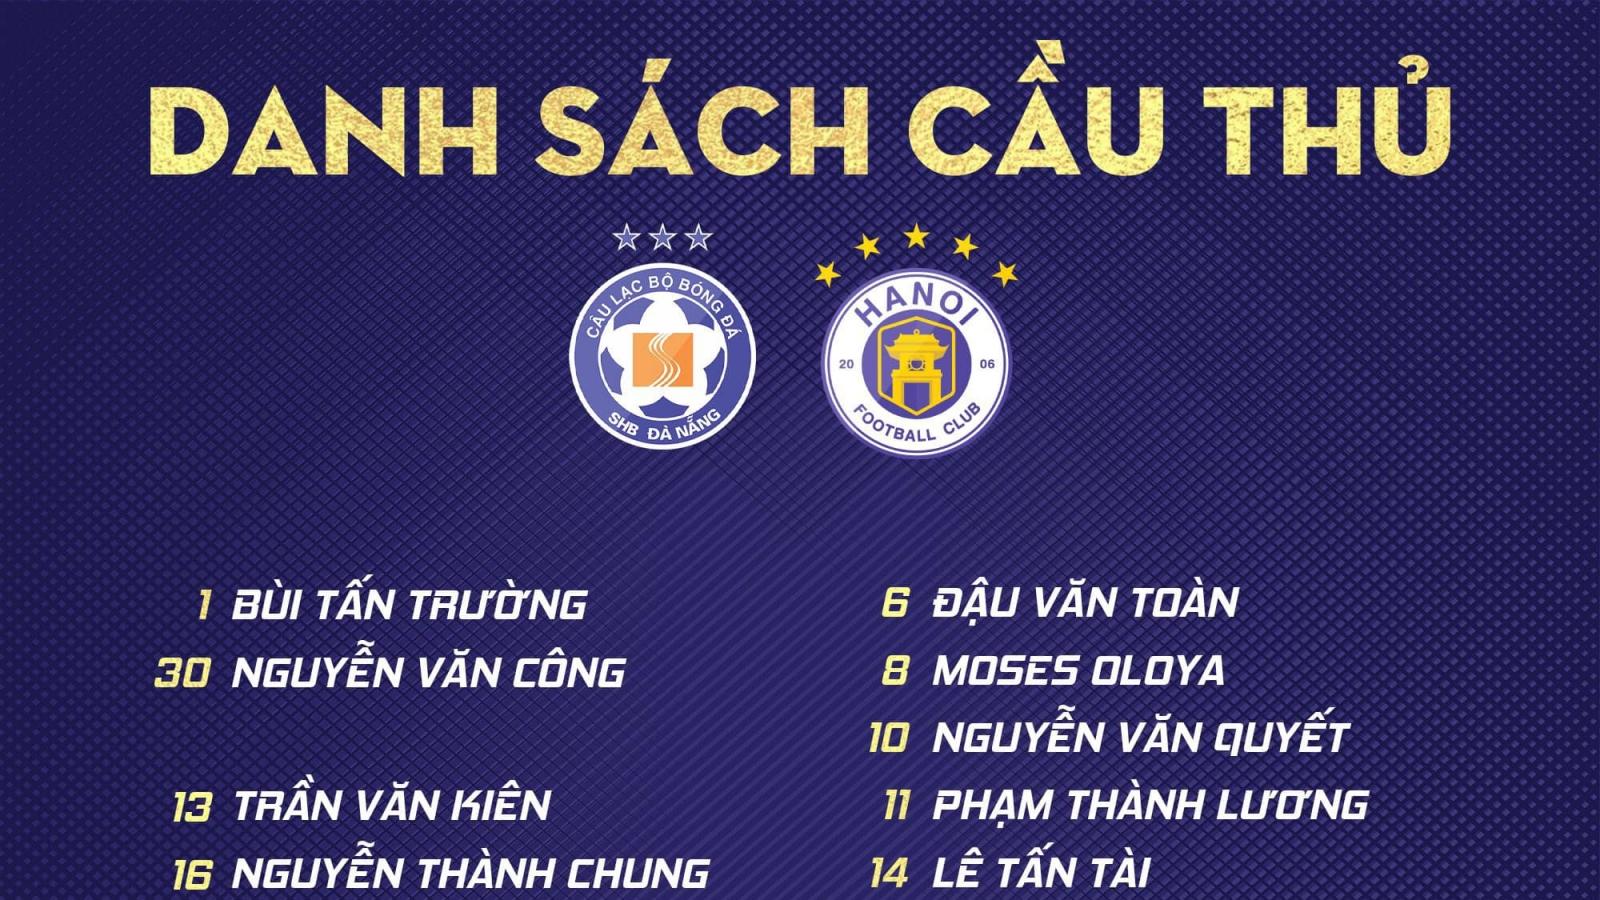 Hà Nội FC có đúng 1 ngoại binh để đấu với Đà Nẵng